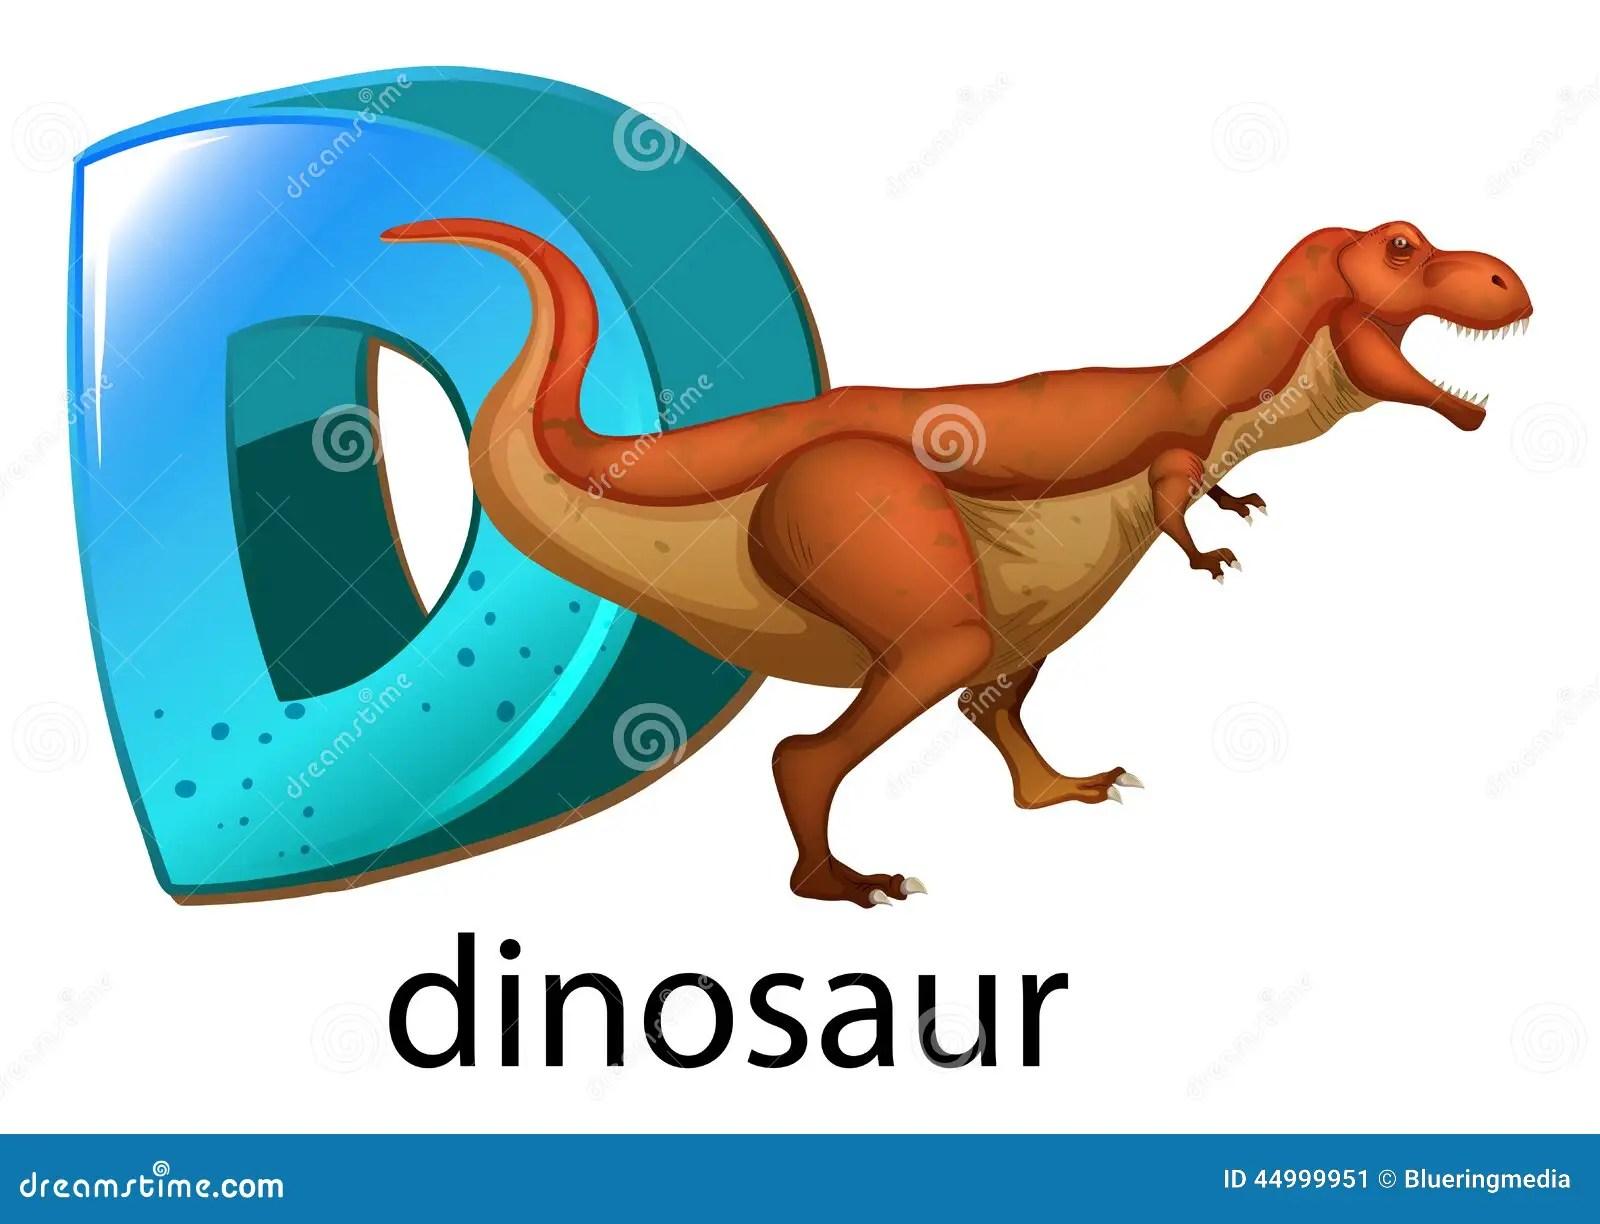 A Letter D For Dinosaur Stock Vector Illustration Of